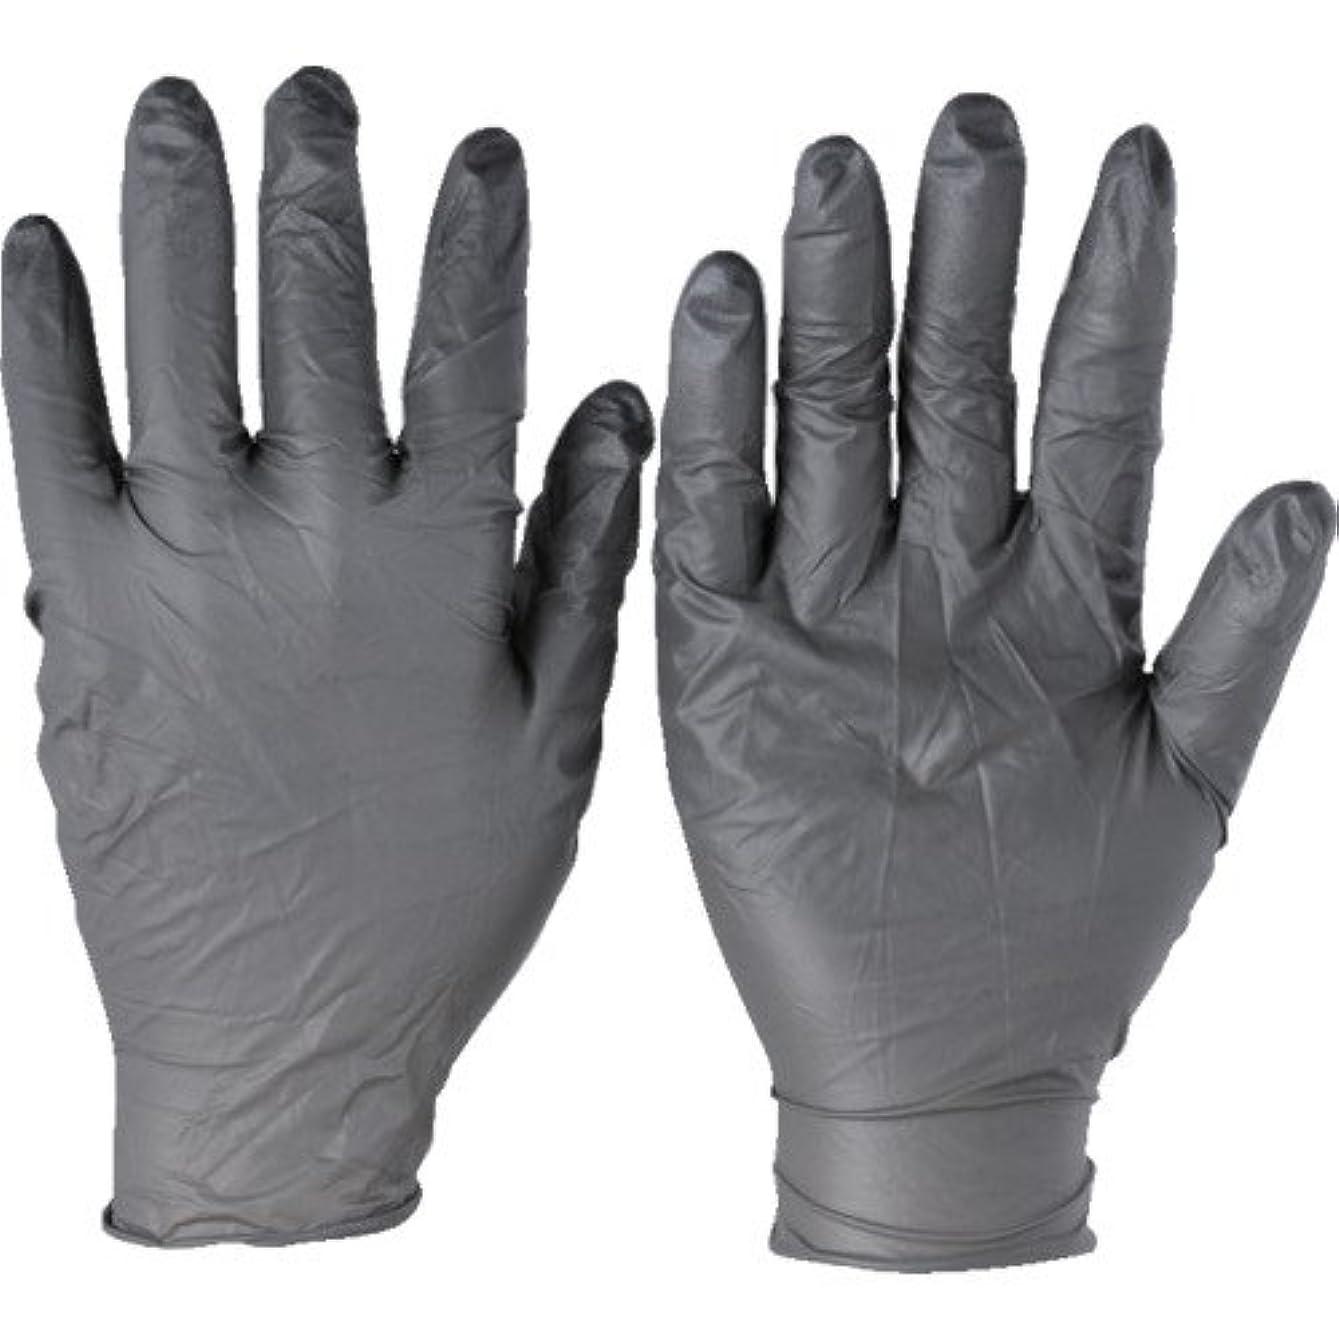 アコー過敏な普遍的なトラスコ中山 アンセル ニトリルゴム使い捨て手袋 タッチエヌタフ 粉無 Lサイズ 100枚入 932509